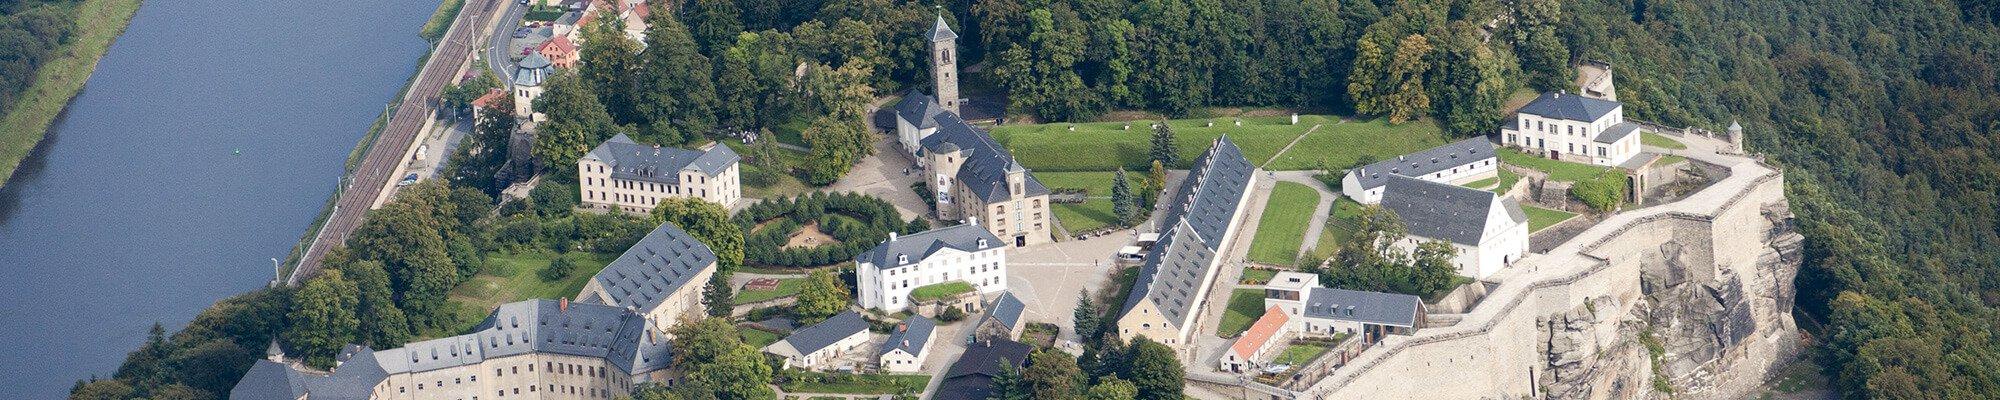 Luftbild Festung Königstein